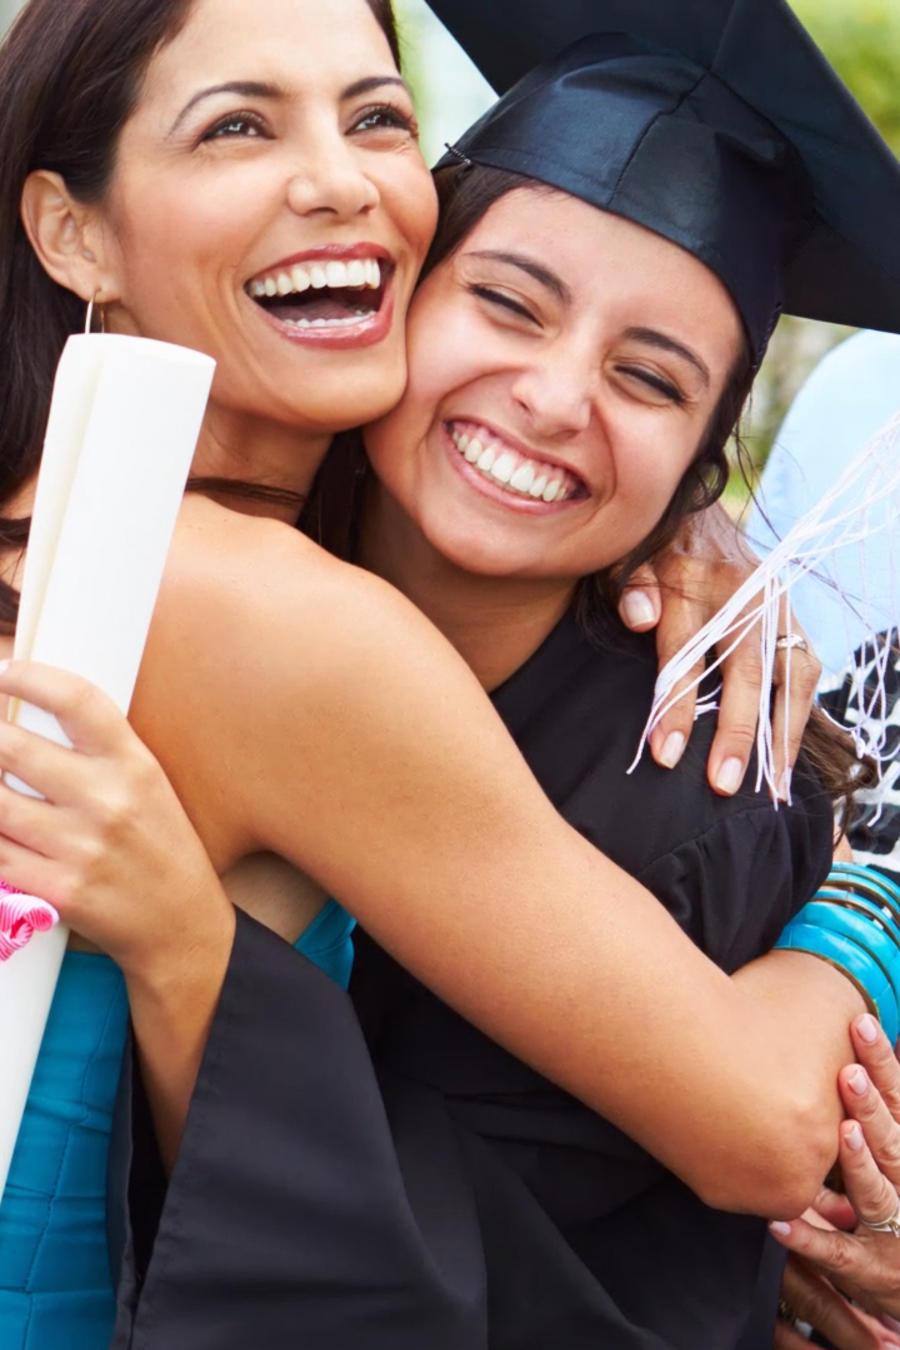 Community college: ¿qué ventajas tiene?